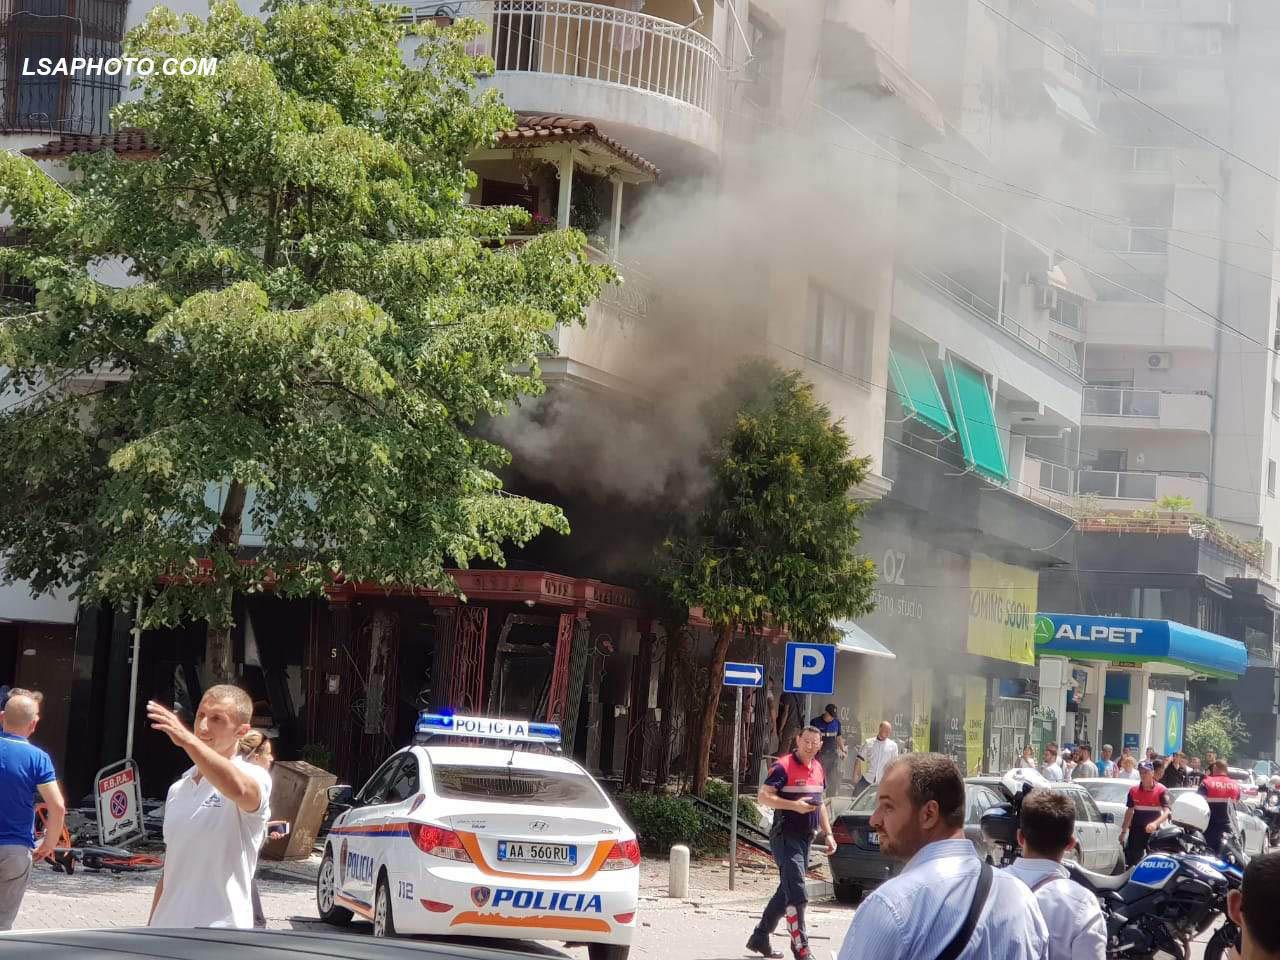 Shpërthim bomb ul e në Tiranë  panik dhe katër të plagosur